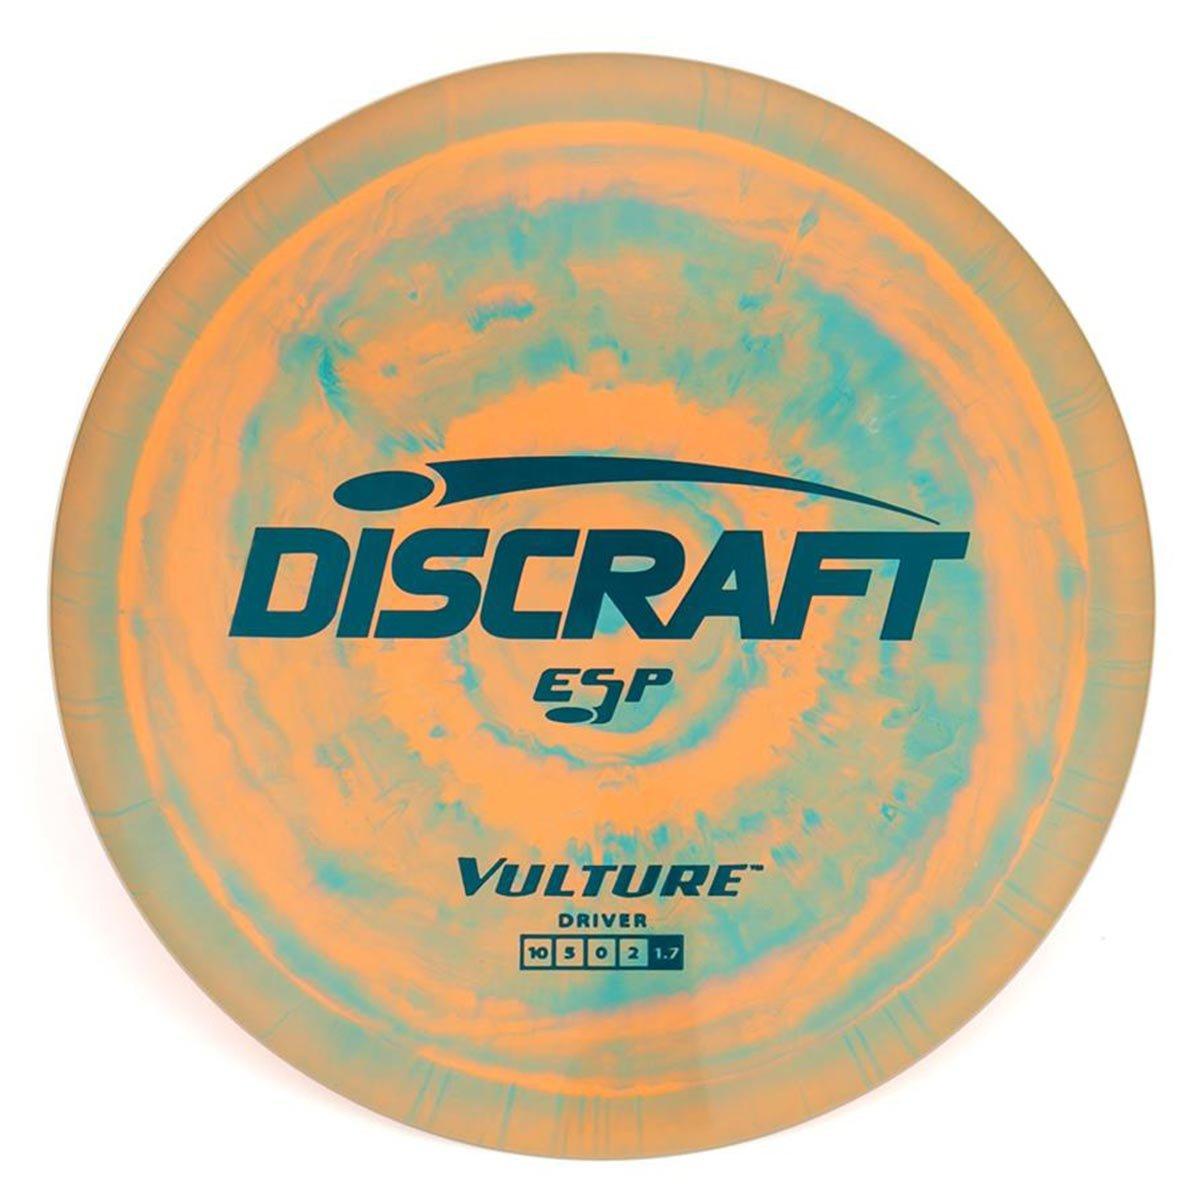 Discraft ESP Driver